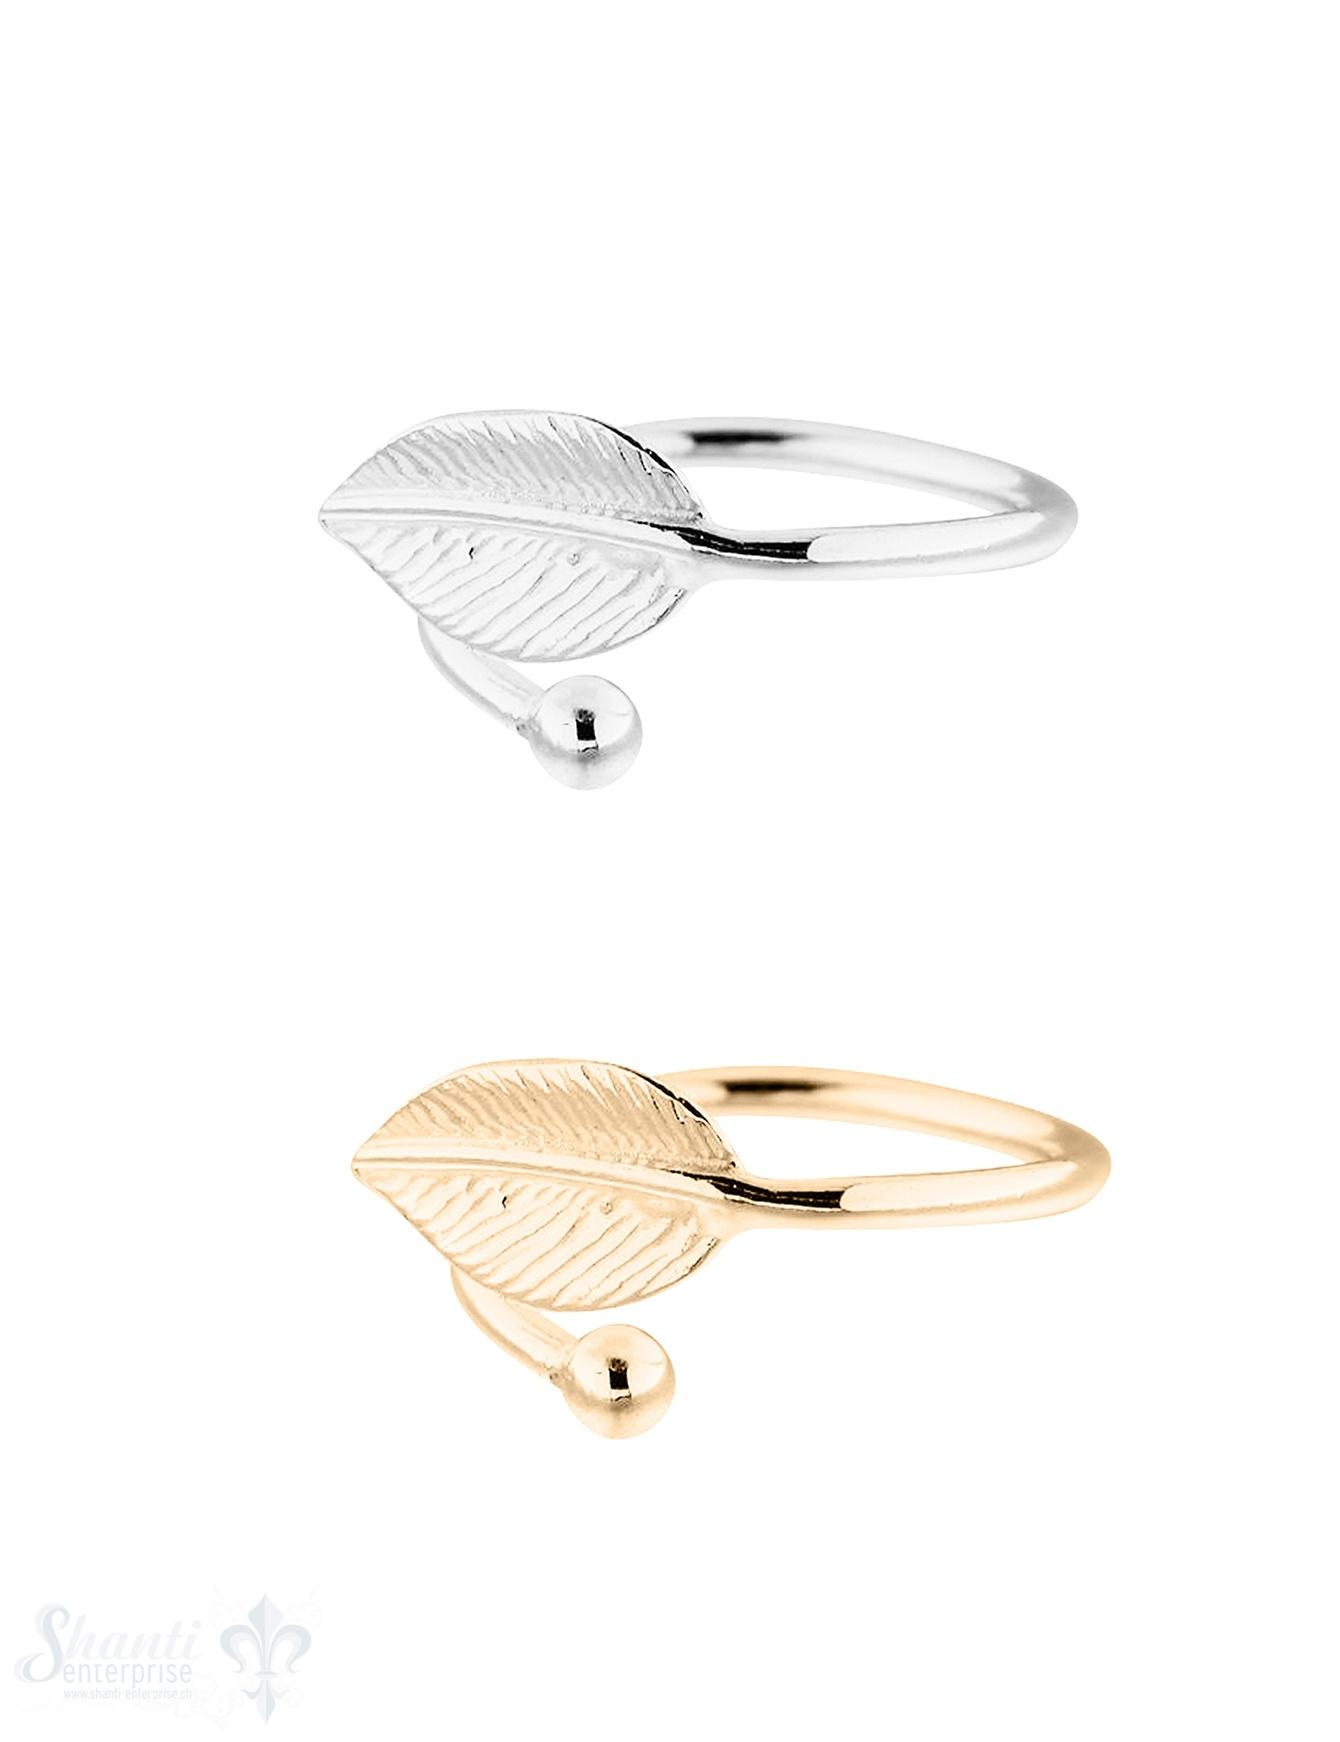 Silberring: Ringschiene mit 1 Si-Blatt oben offen, andere Seite kl.Si-Kgl. Gr. 50 - Gr. 58 Grössen verstellbar